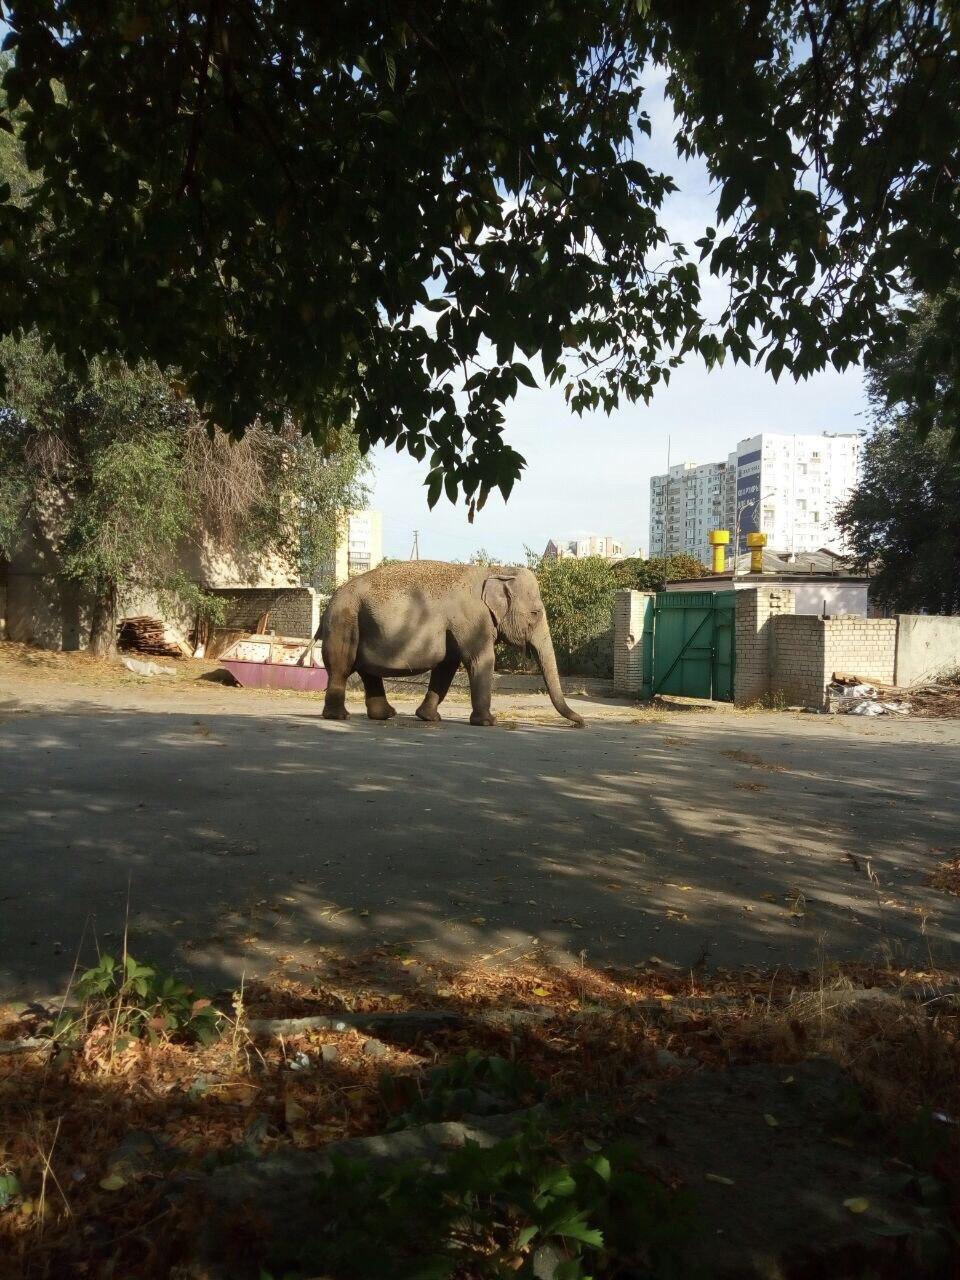 В Харькове заметили слона, который разгуливал возле детсада, - ФОТО, ВИДЕО, фото-1